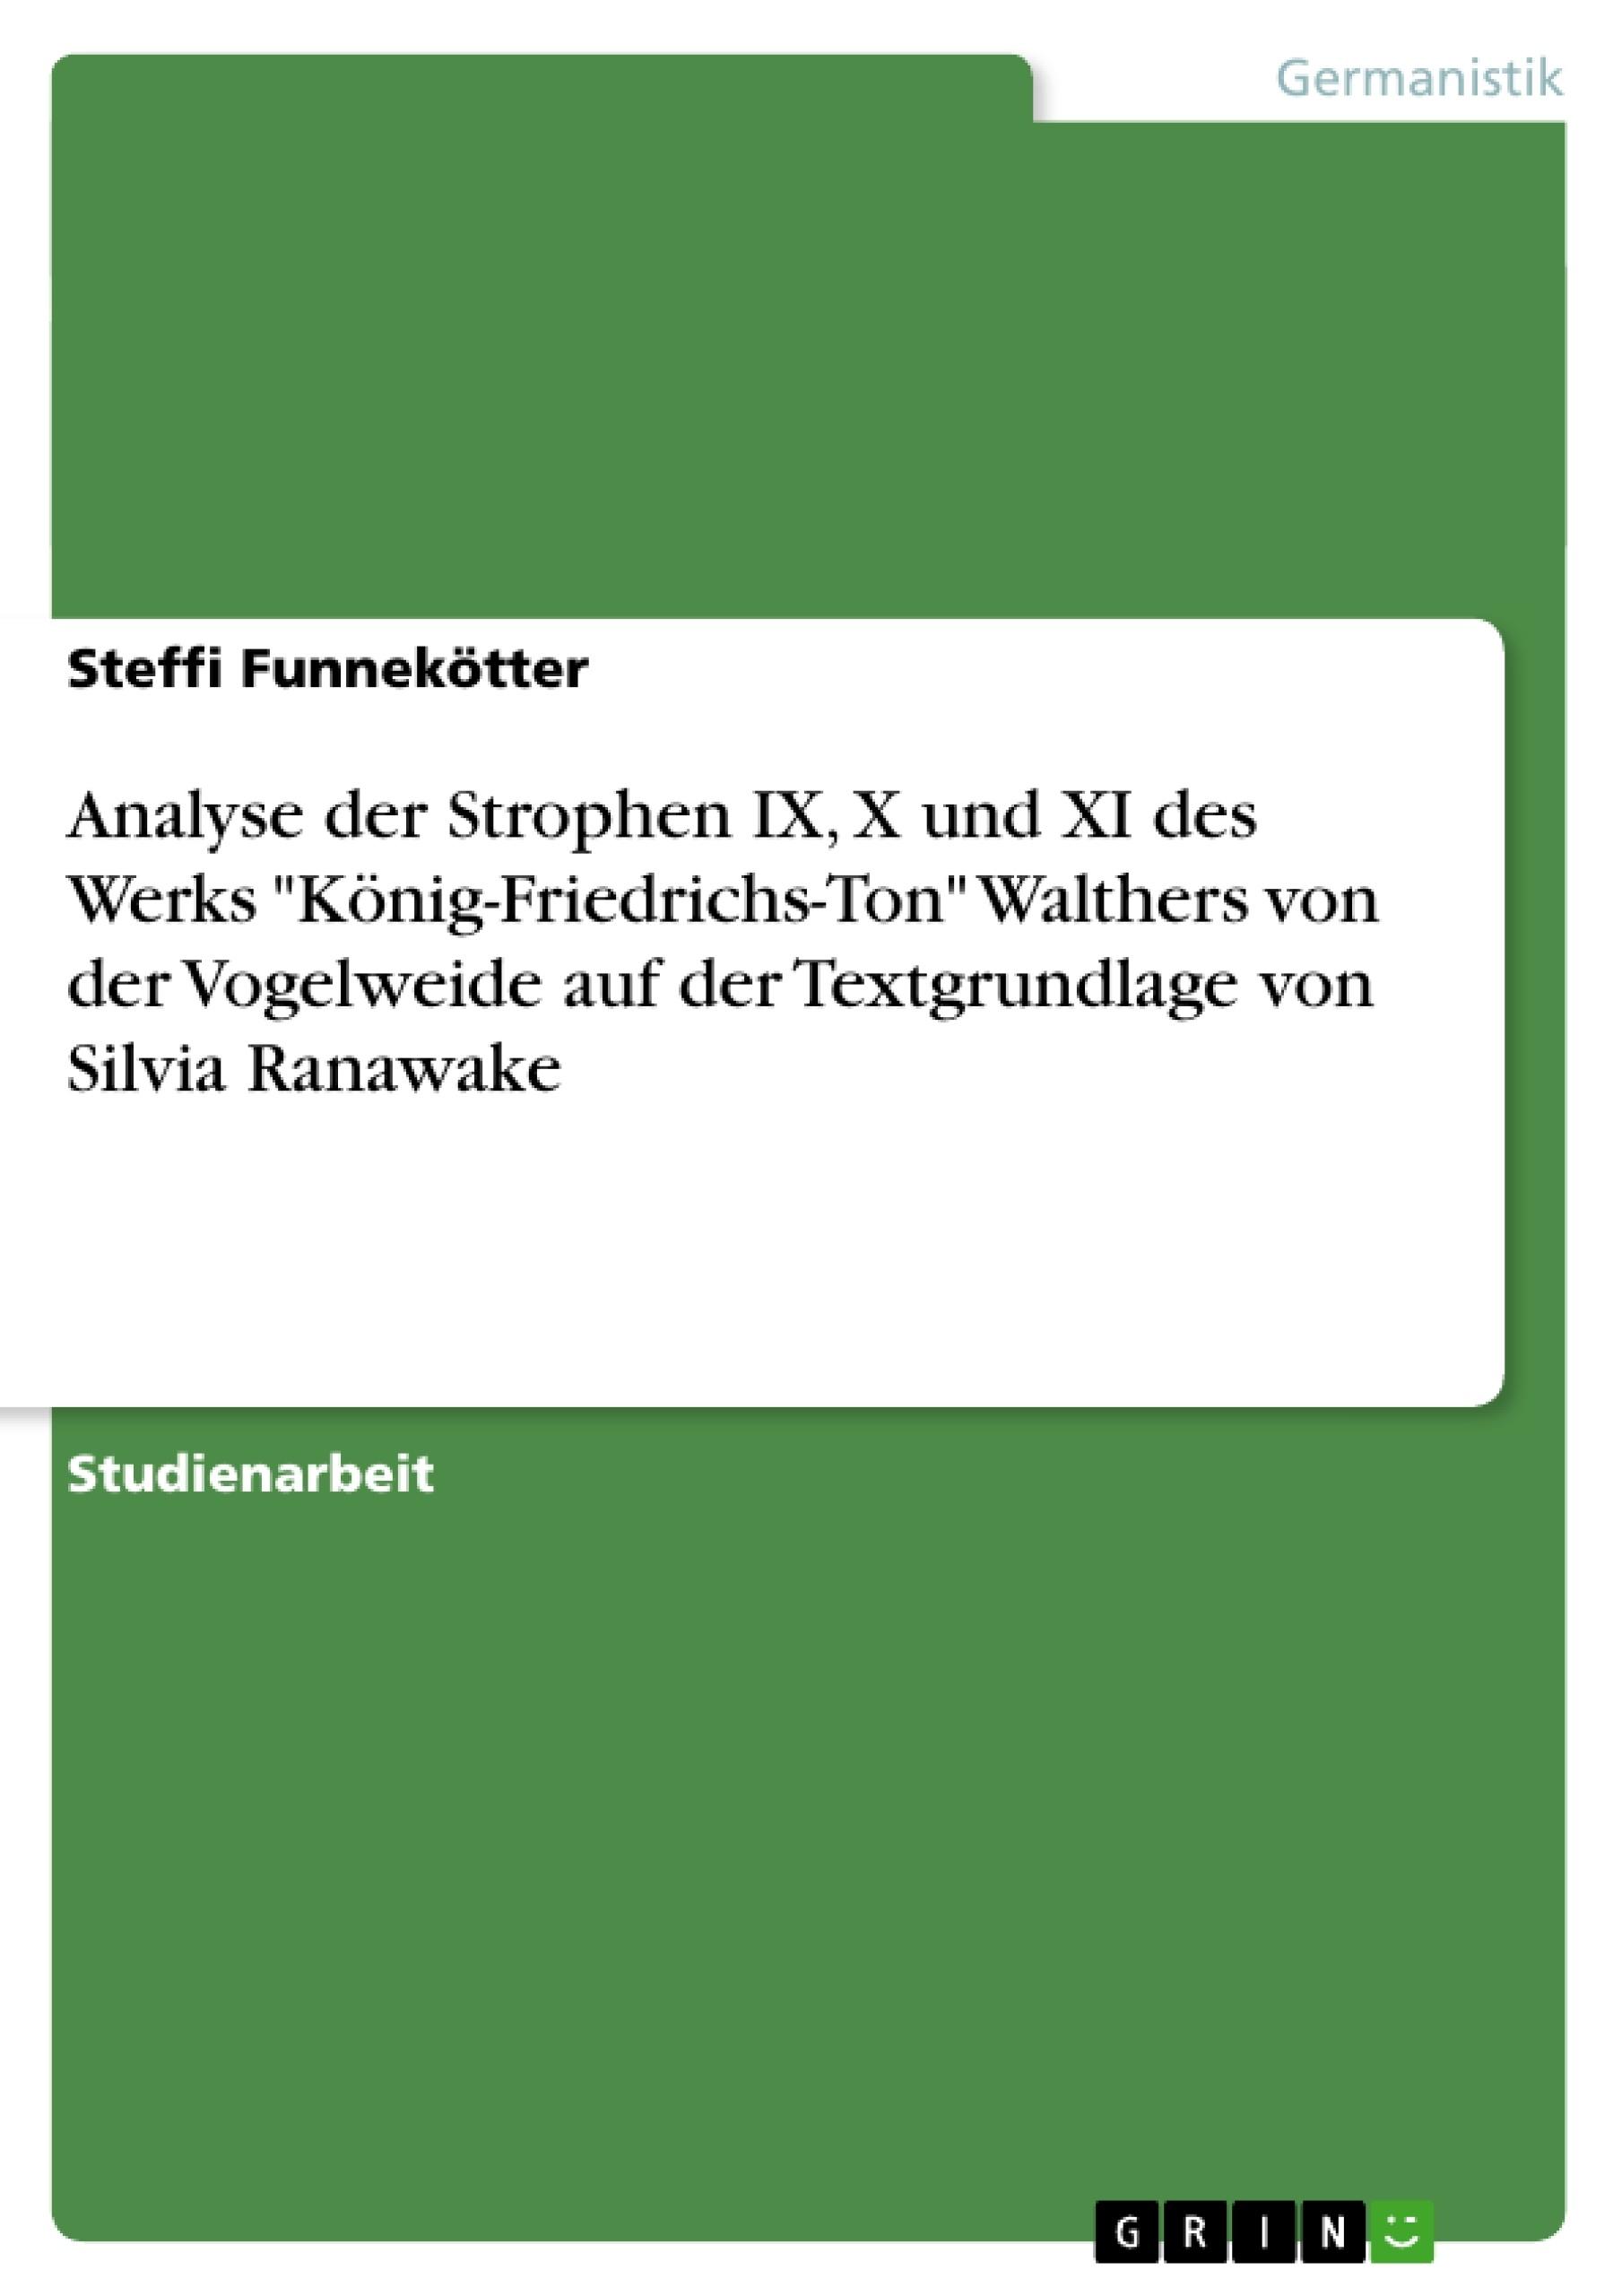 """Titel: Analyse der Strophen IX, X und XI des Werks """"König-Friedrichs-Ton"""" Walthers von der Vogelweide auf der Textgrundlage von Silvia Ranawake"""